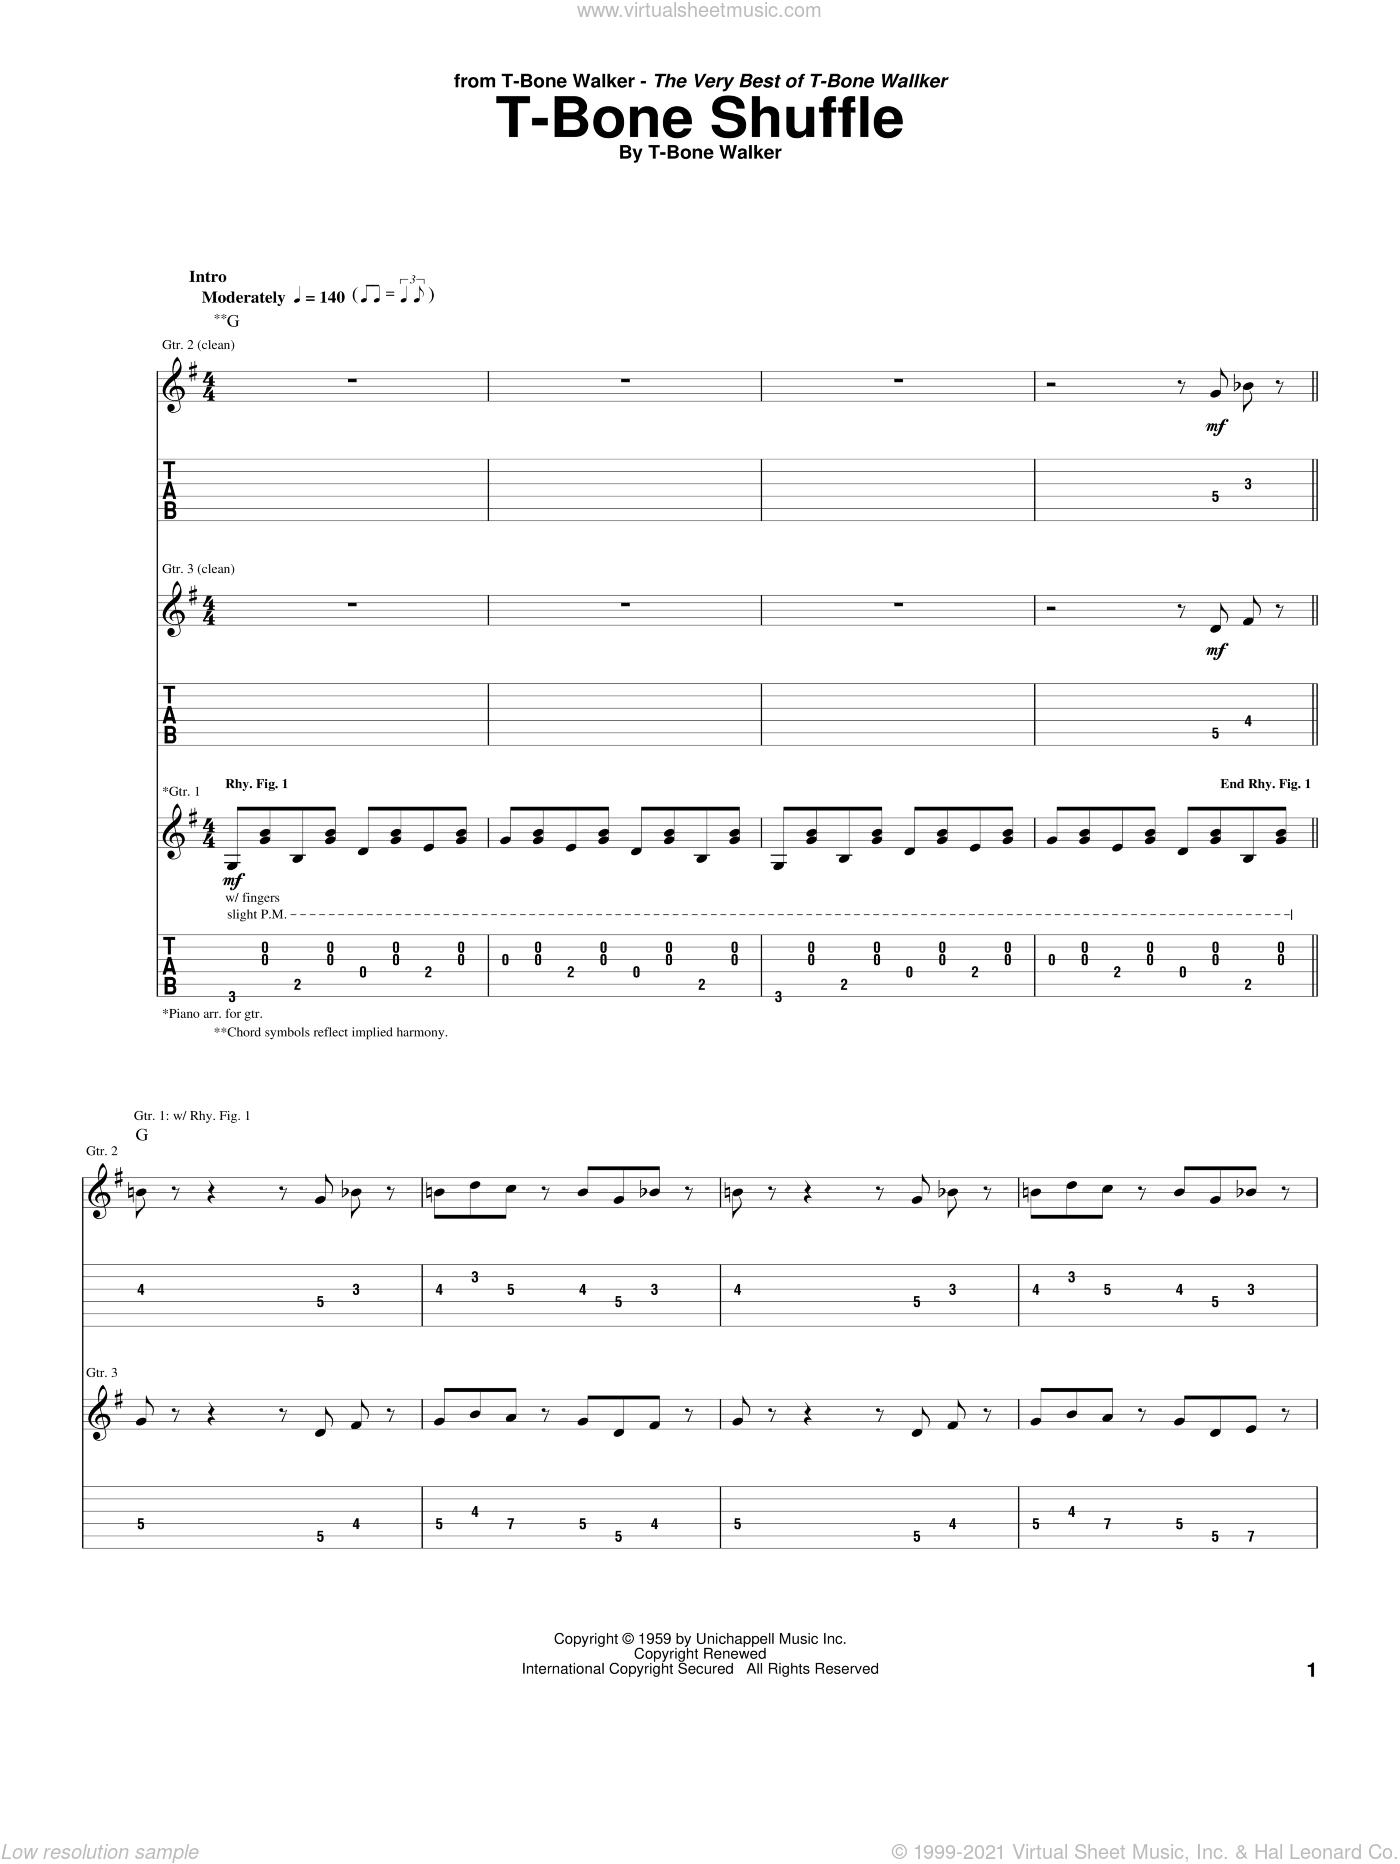 T-Bone Shuffle sheet music for guitar (tablature) by Aaron 'T-Bone' Walker, intermediate skill level